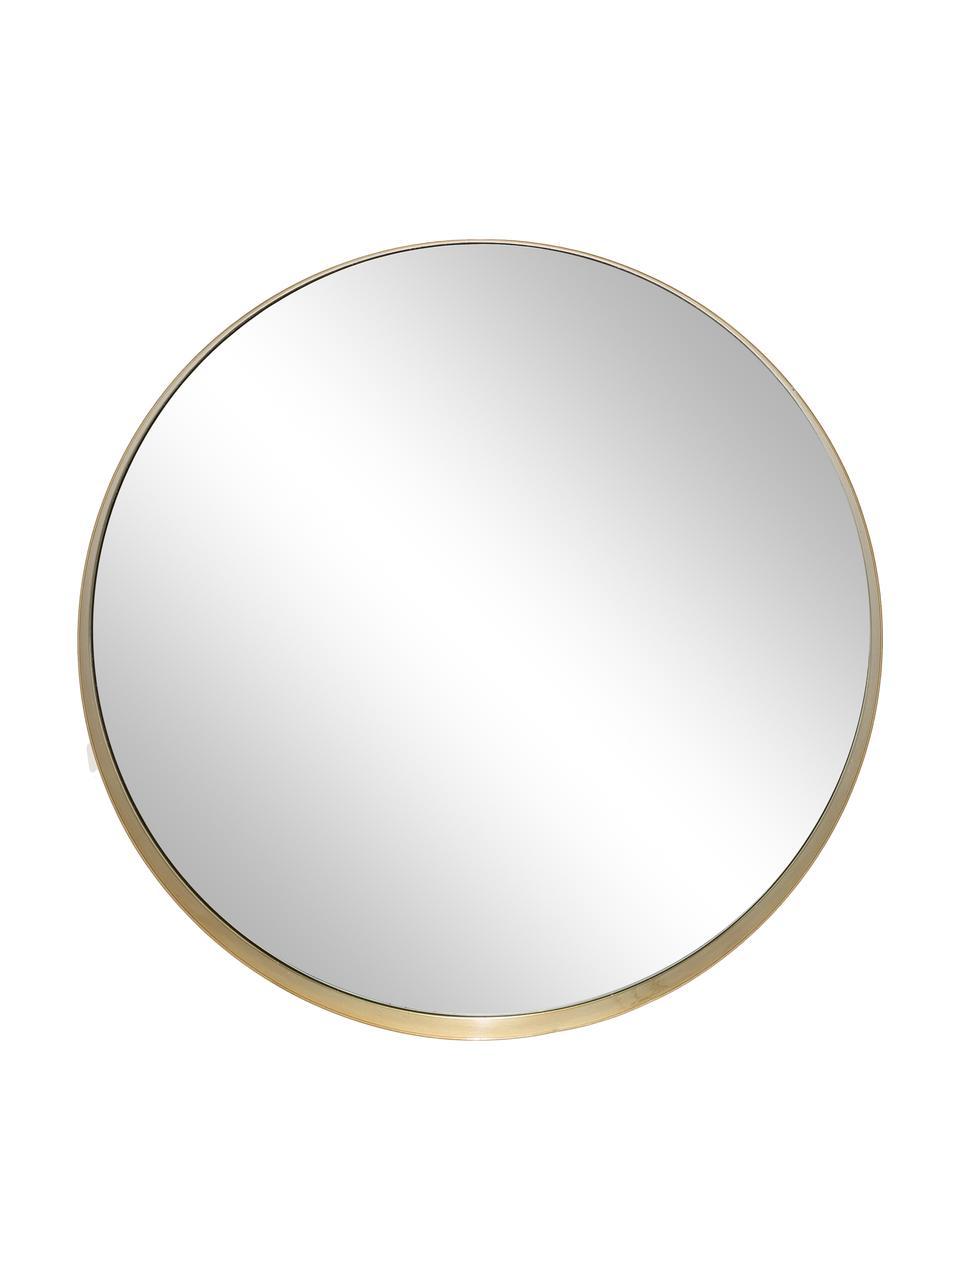 Miroir mural rond métal doré Metal, Cadre : couleur dorée Verre miroir